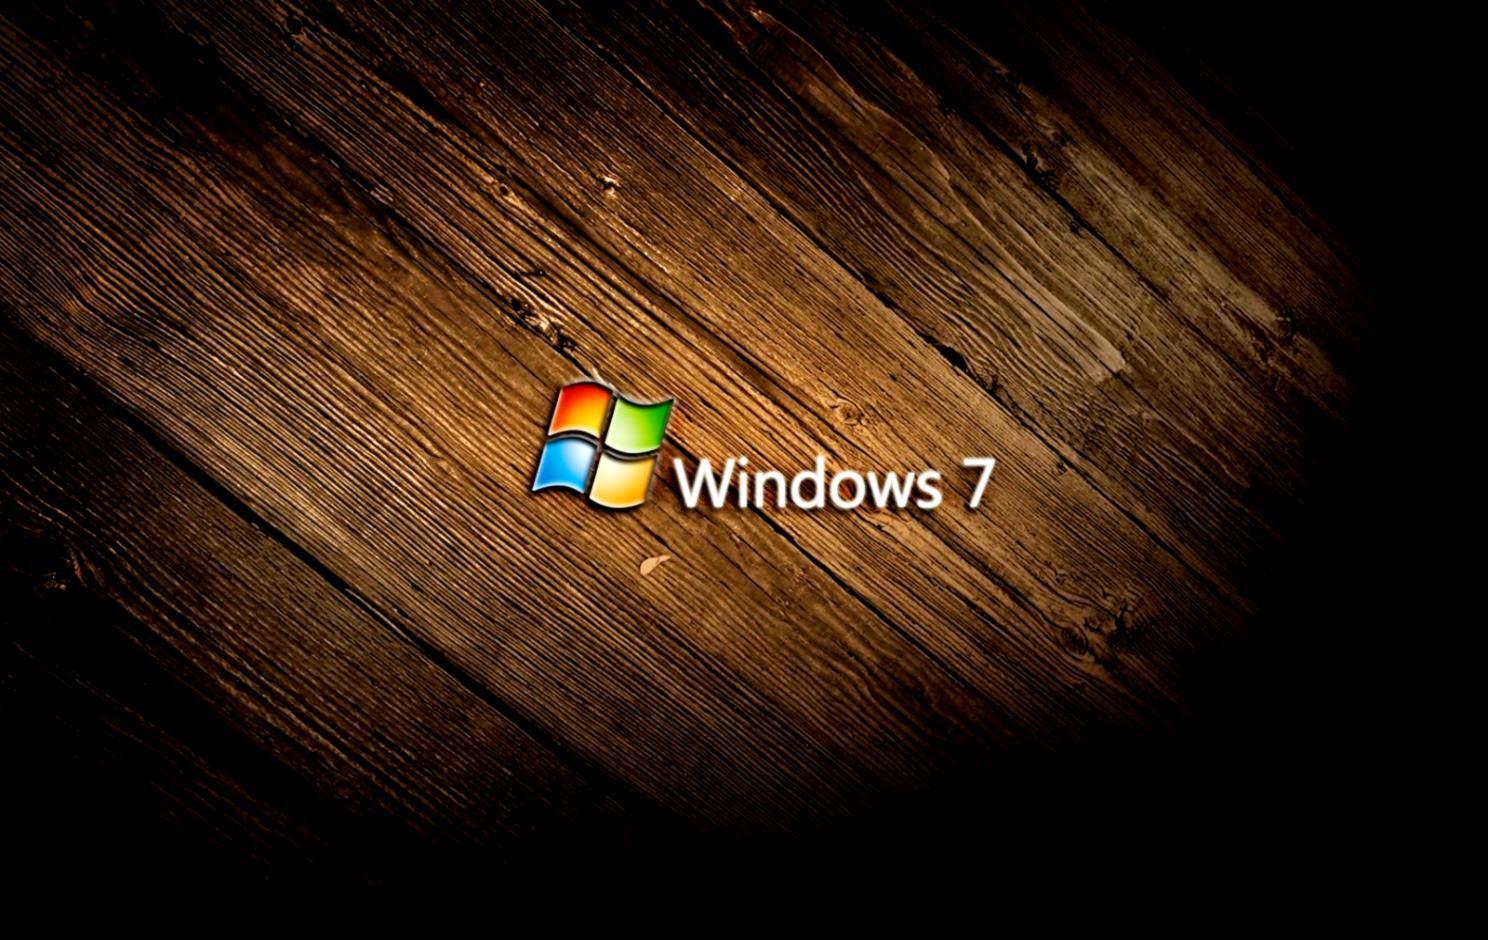 Windows 7 Wallpapers 1920x1080 Wallpaper Cave Source Desktop Background 1920X1080 Zoom